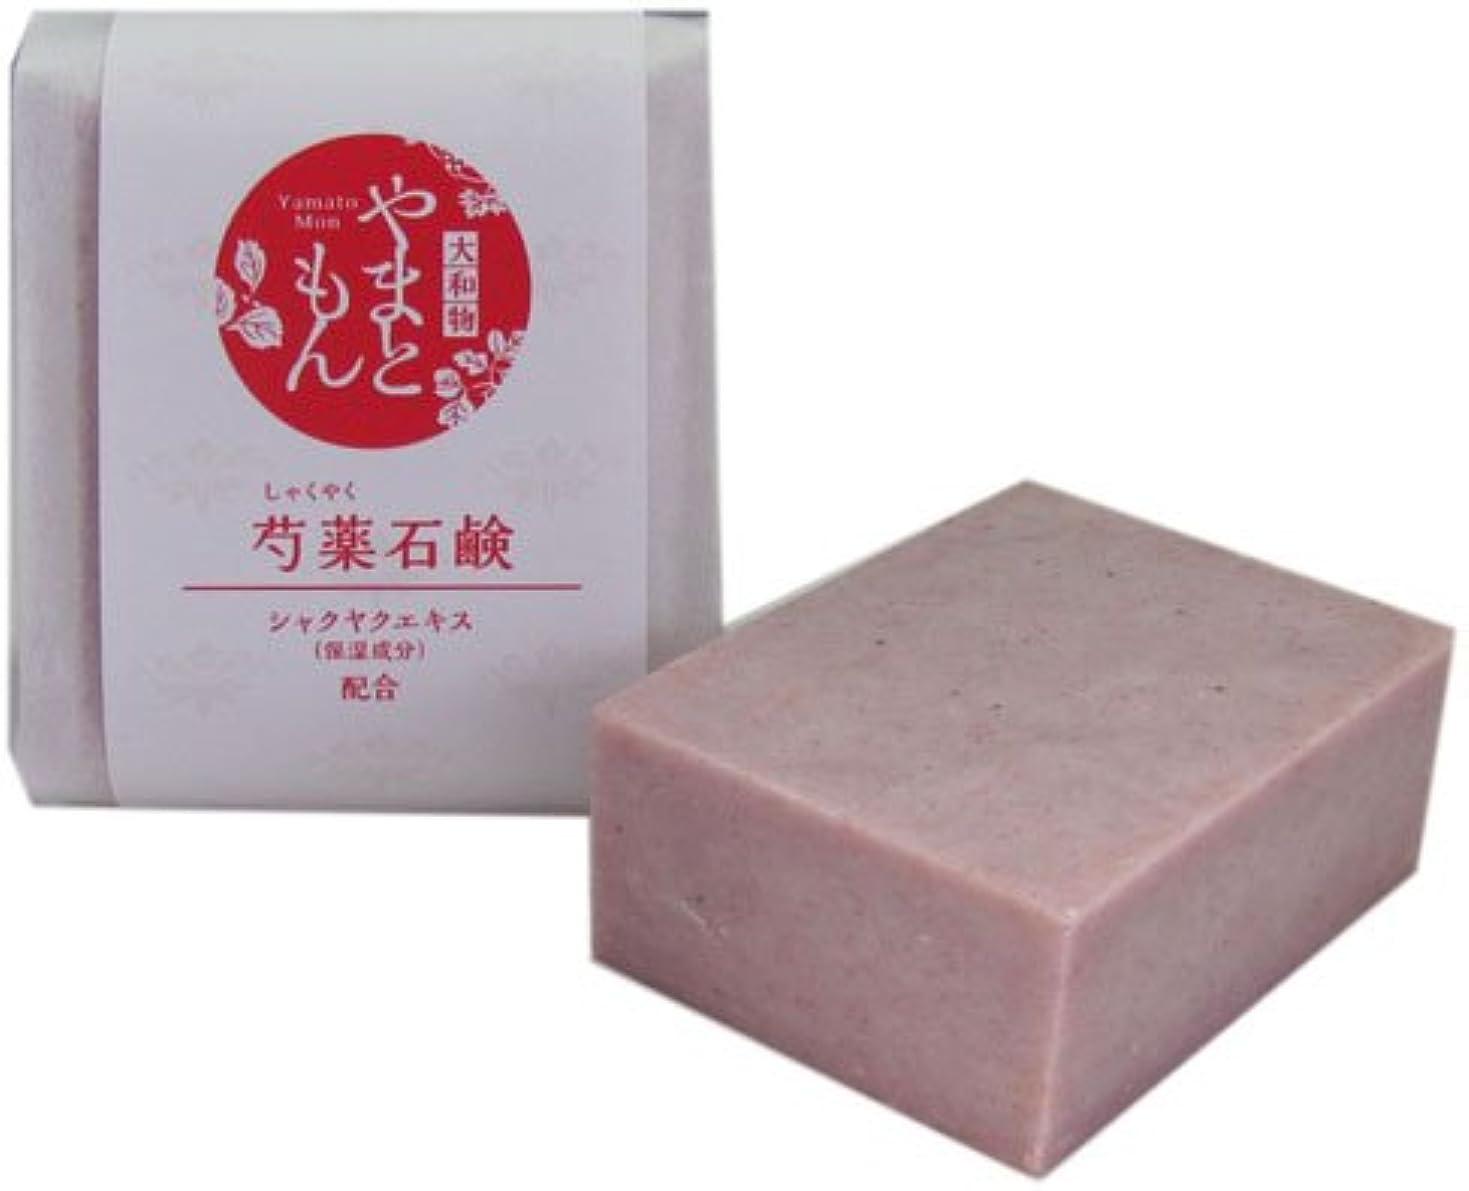 荒れ地財産自治的奈良産和漢生薬エキス使用やまともん化粧品 芍薬石鹸(しゃくやくせっけん)